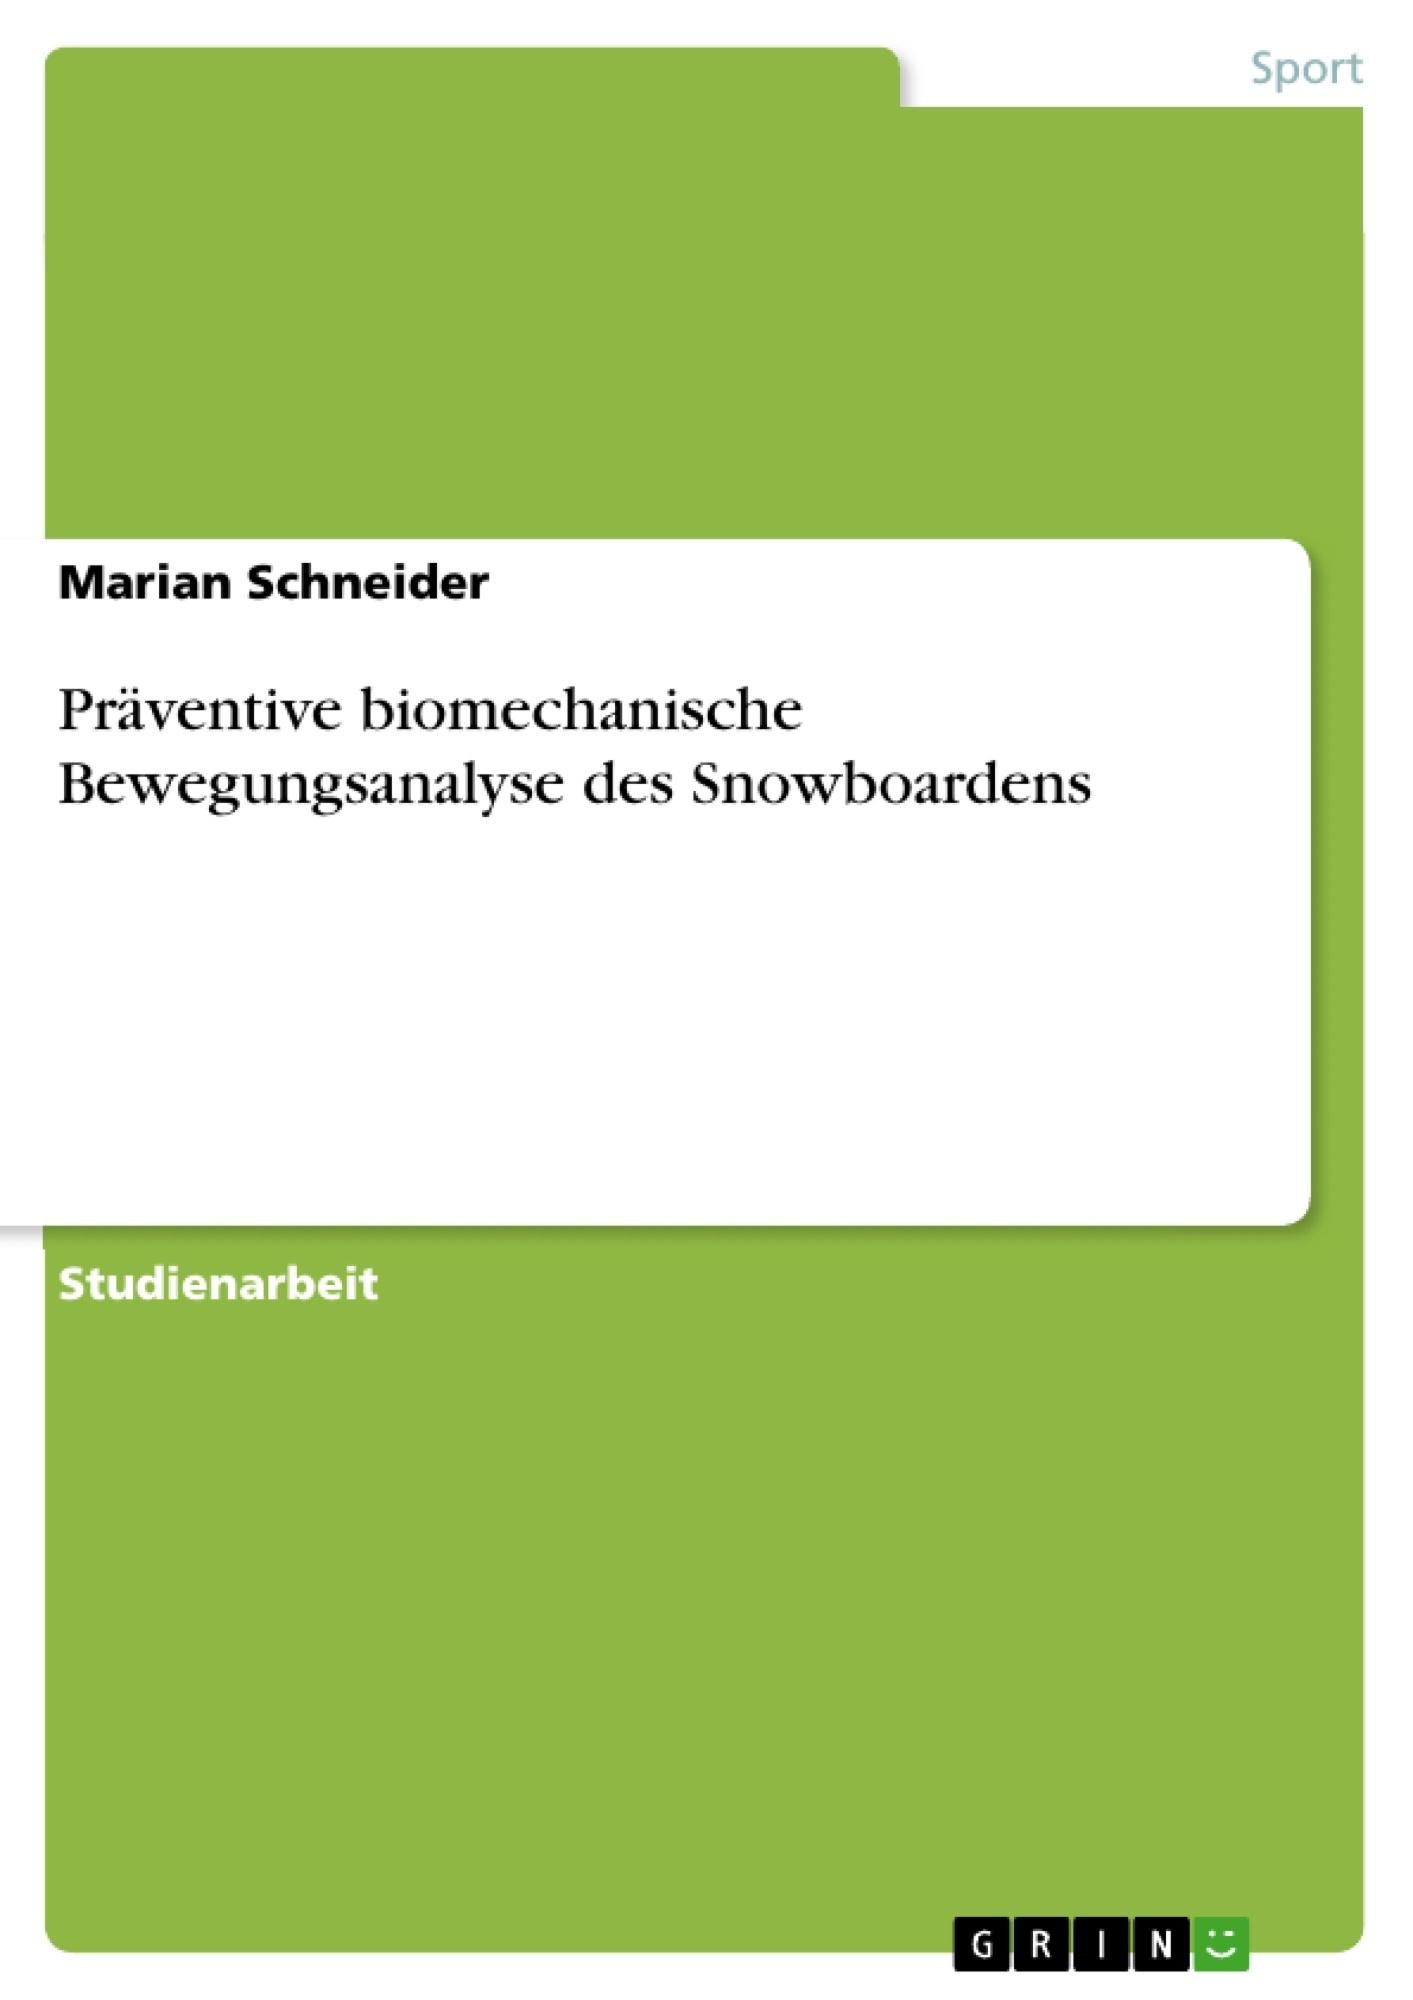 Titel: Präventive biomechanische Bewegungsanalyse des Snowboardens